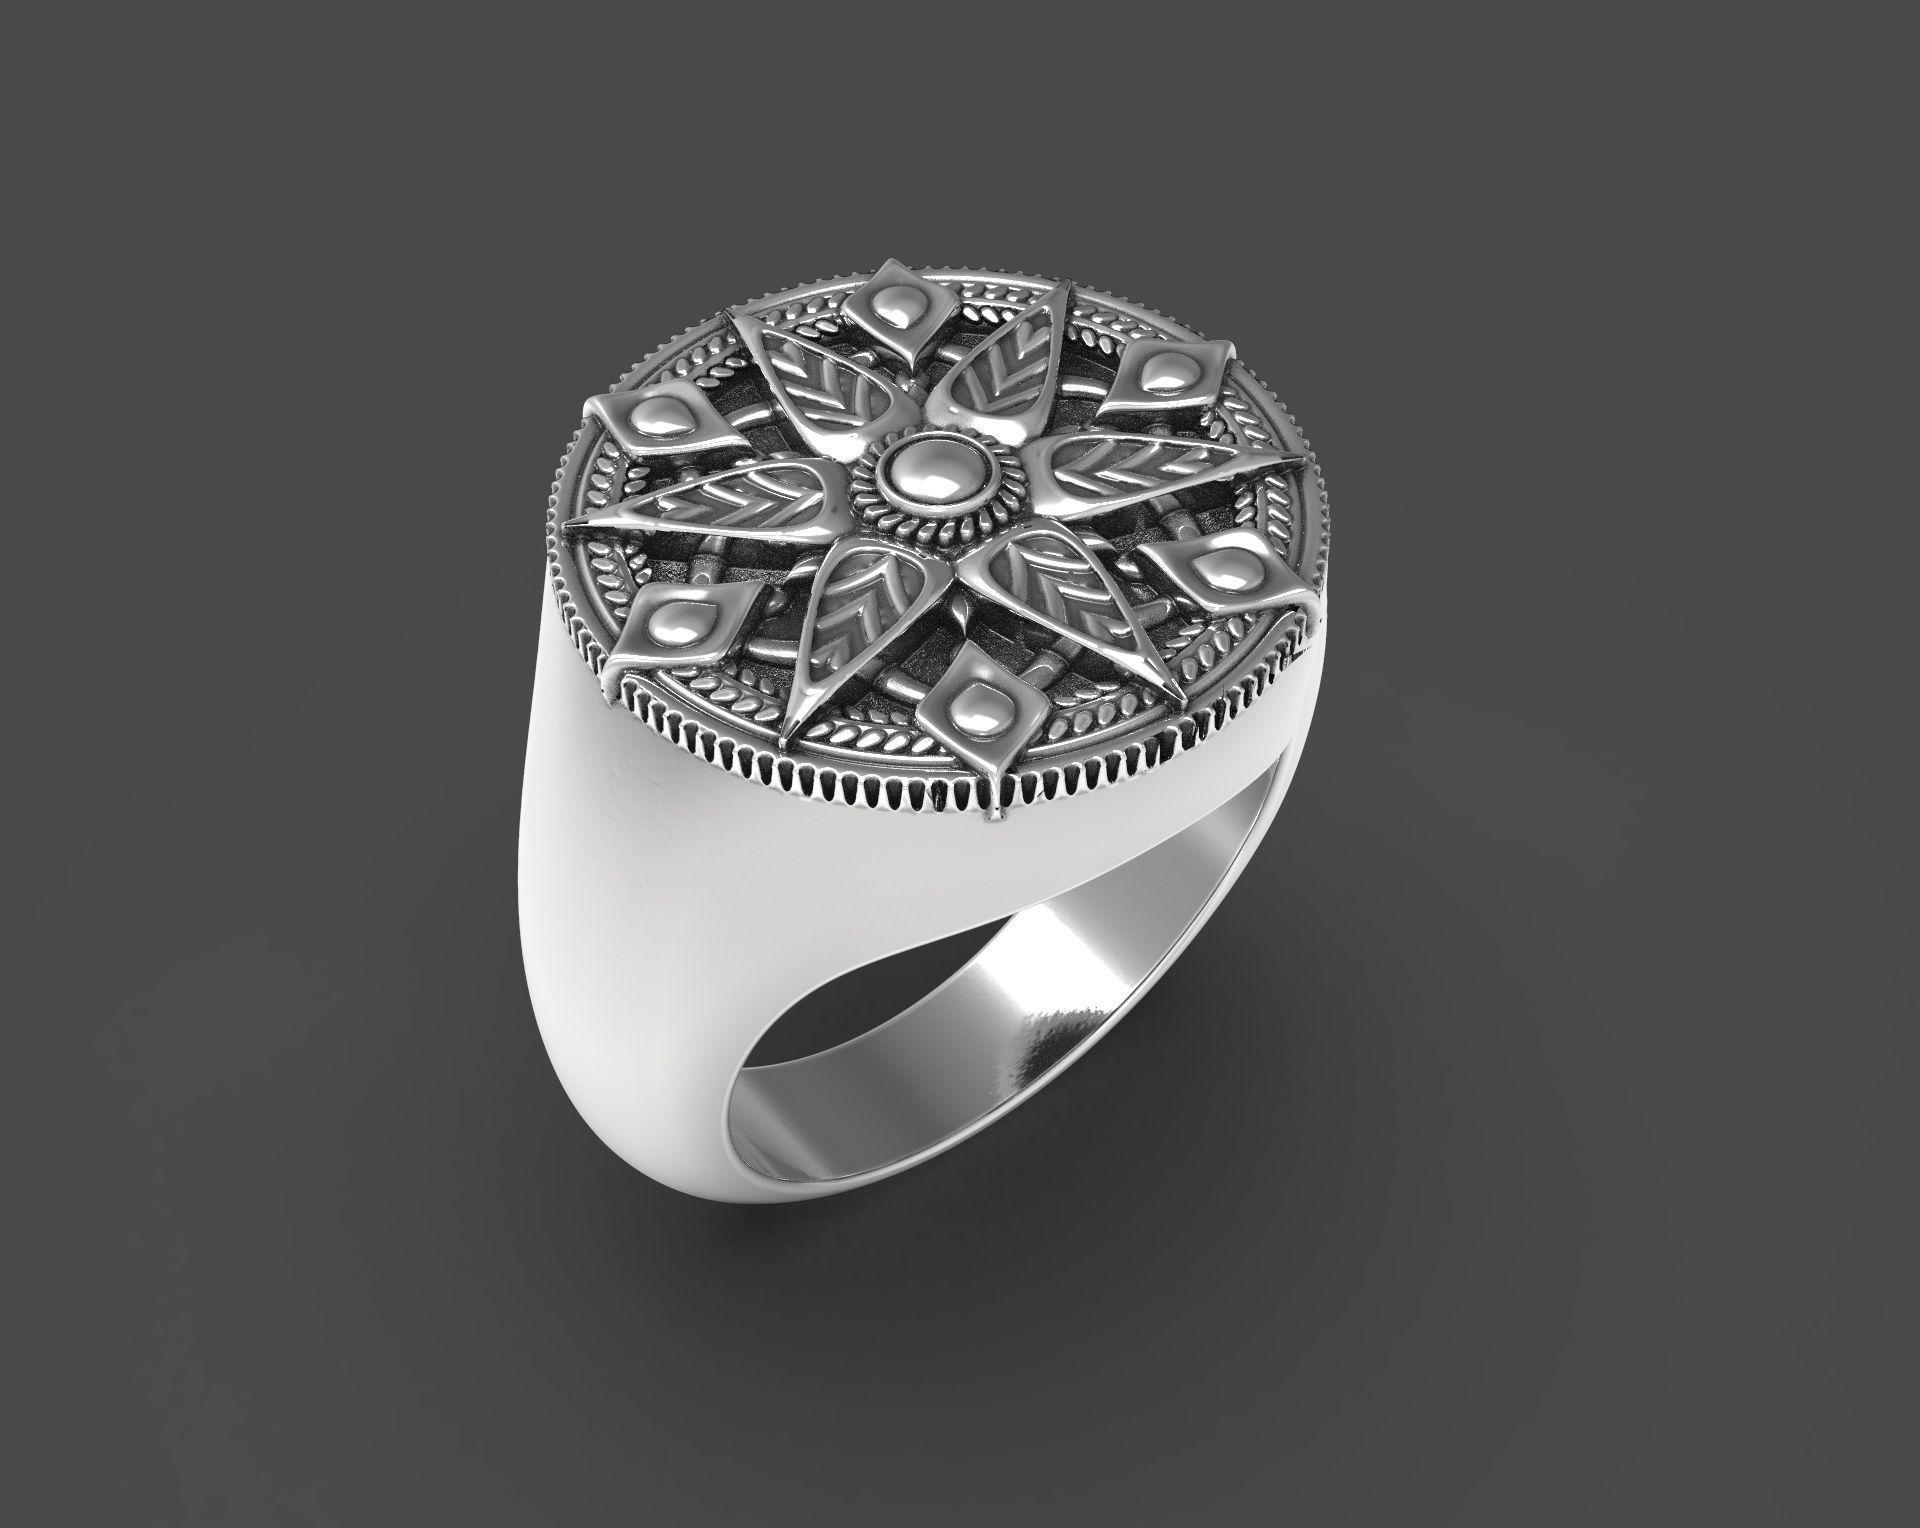 Ornamented rings set